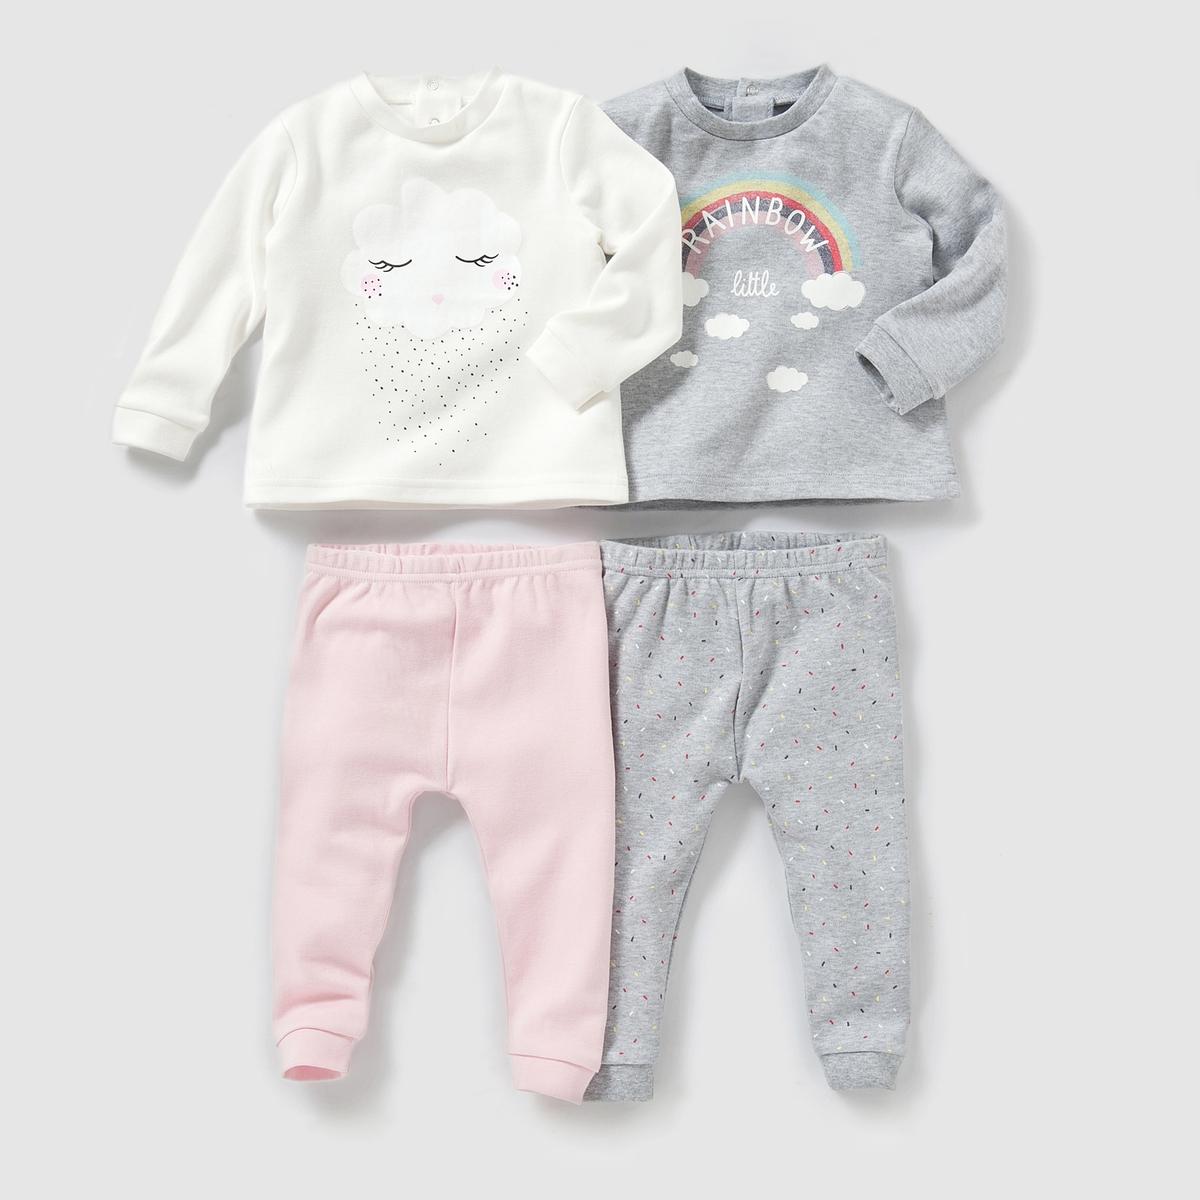 Комплект из 2 пижам раздельных из хлопка 0-3 лет от La Redoute